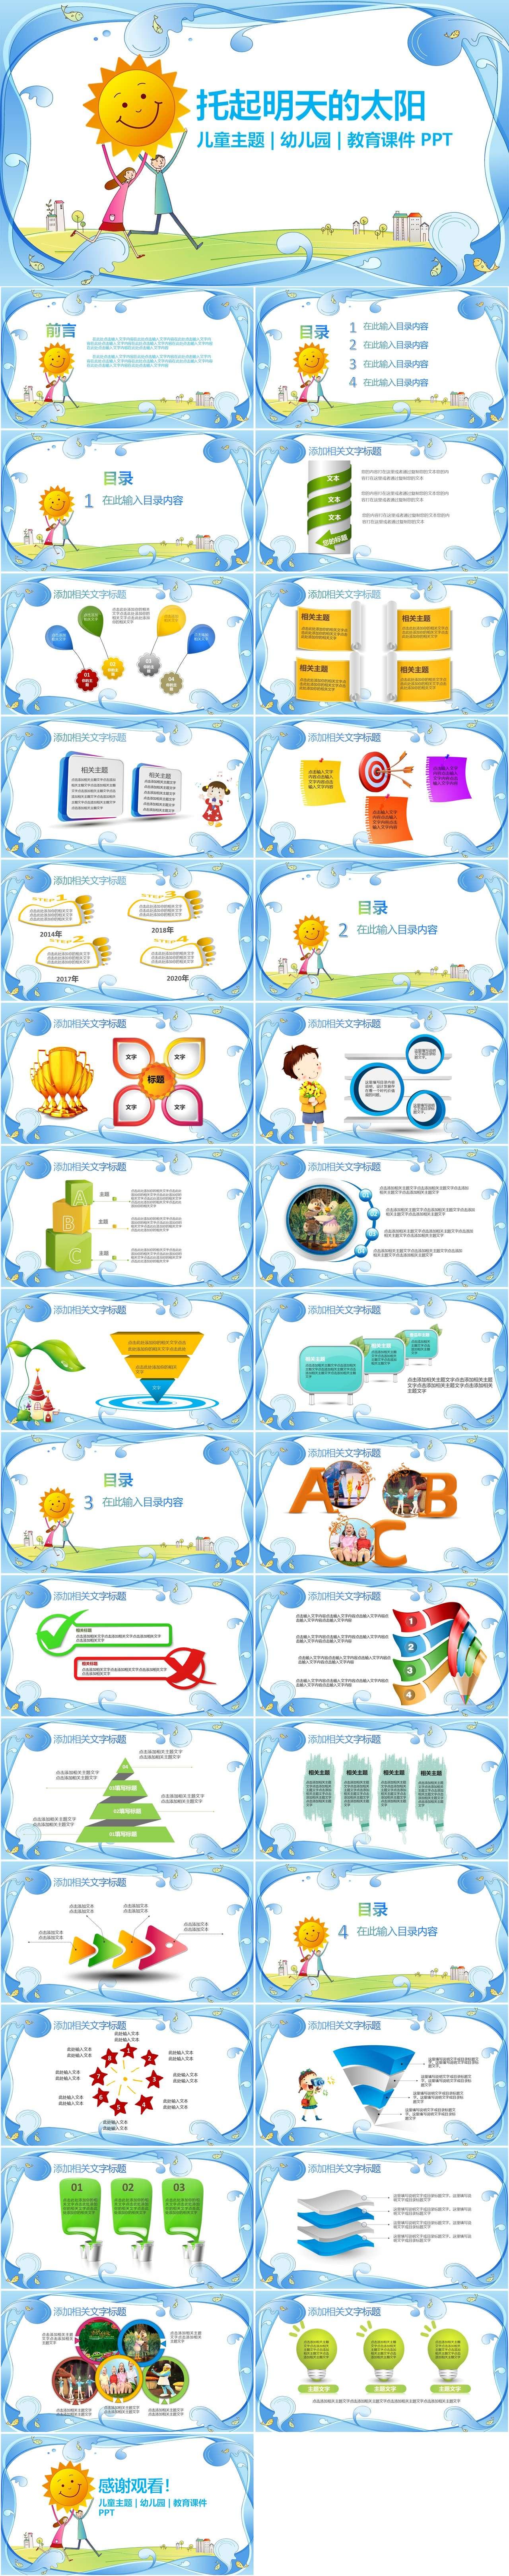 幼儿园儿童教育课件PPT模板插图1